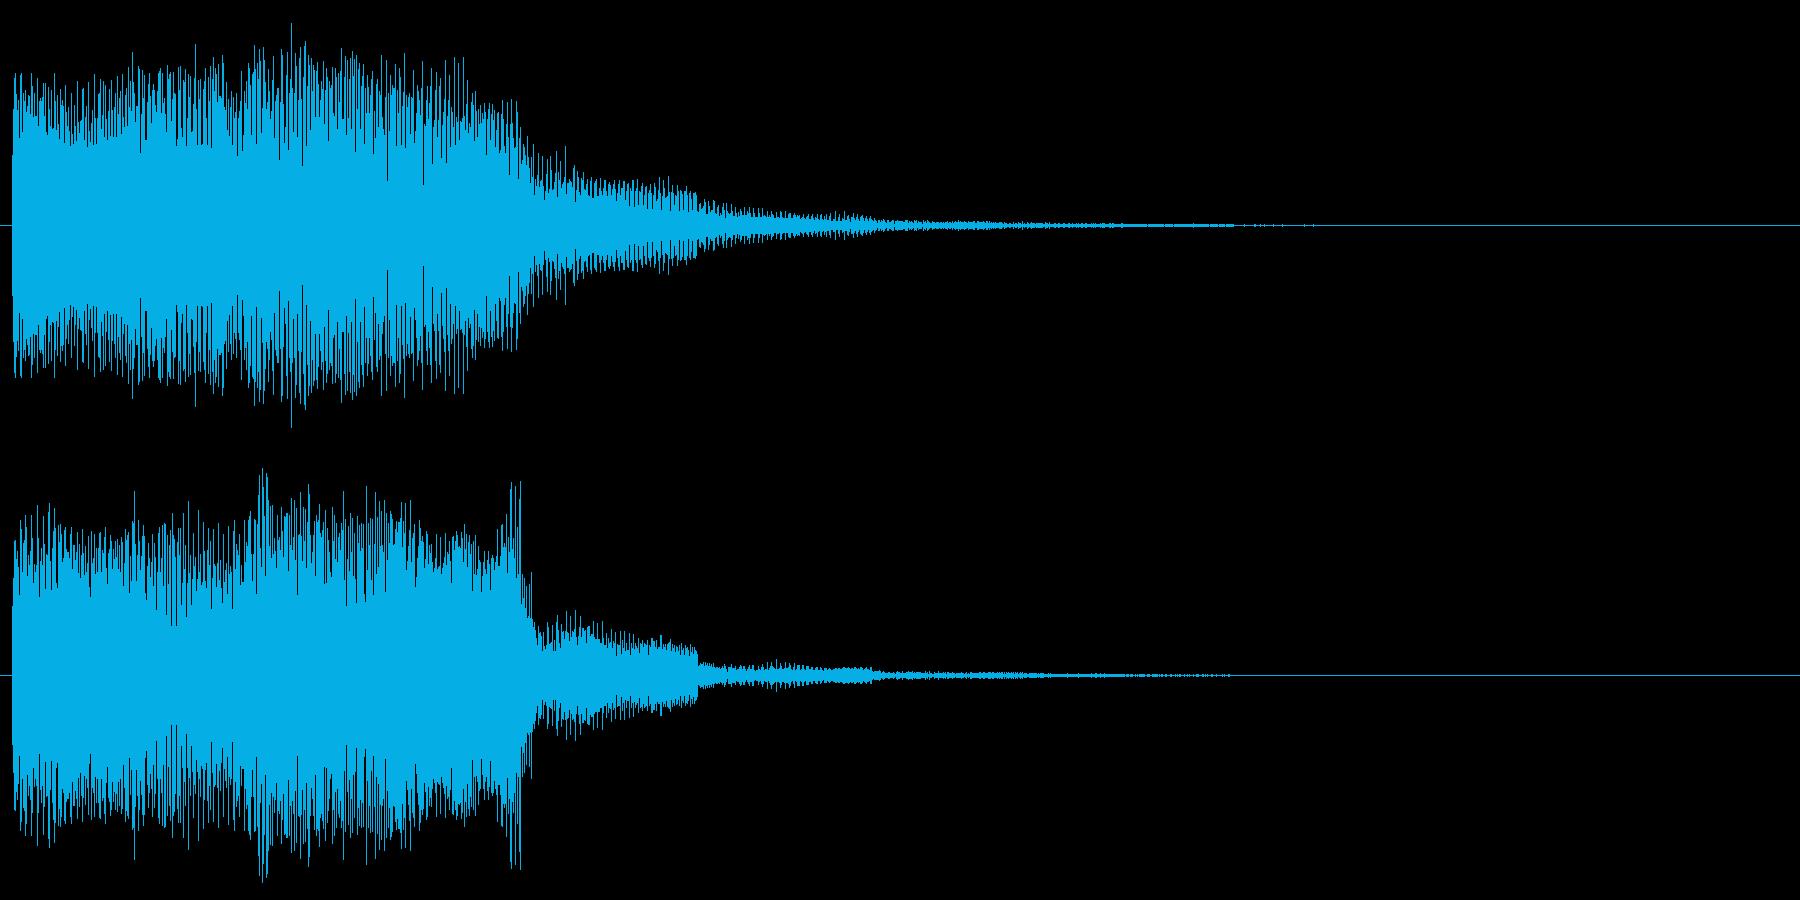 ゲームクリア 達成音 正解 やったーの再生済みの波形